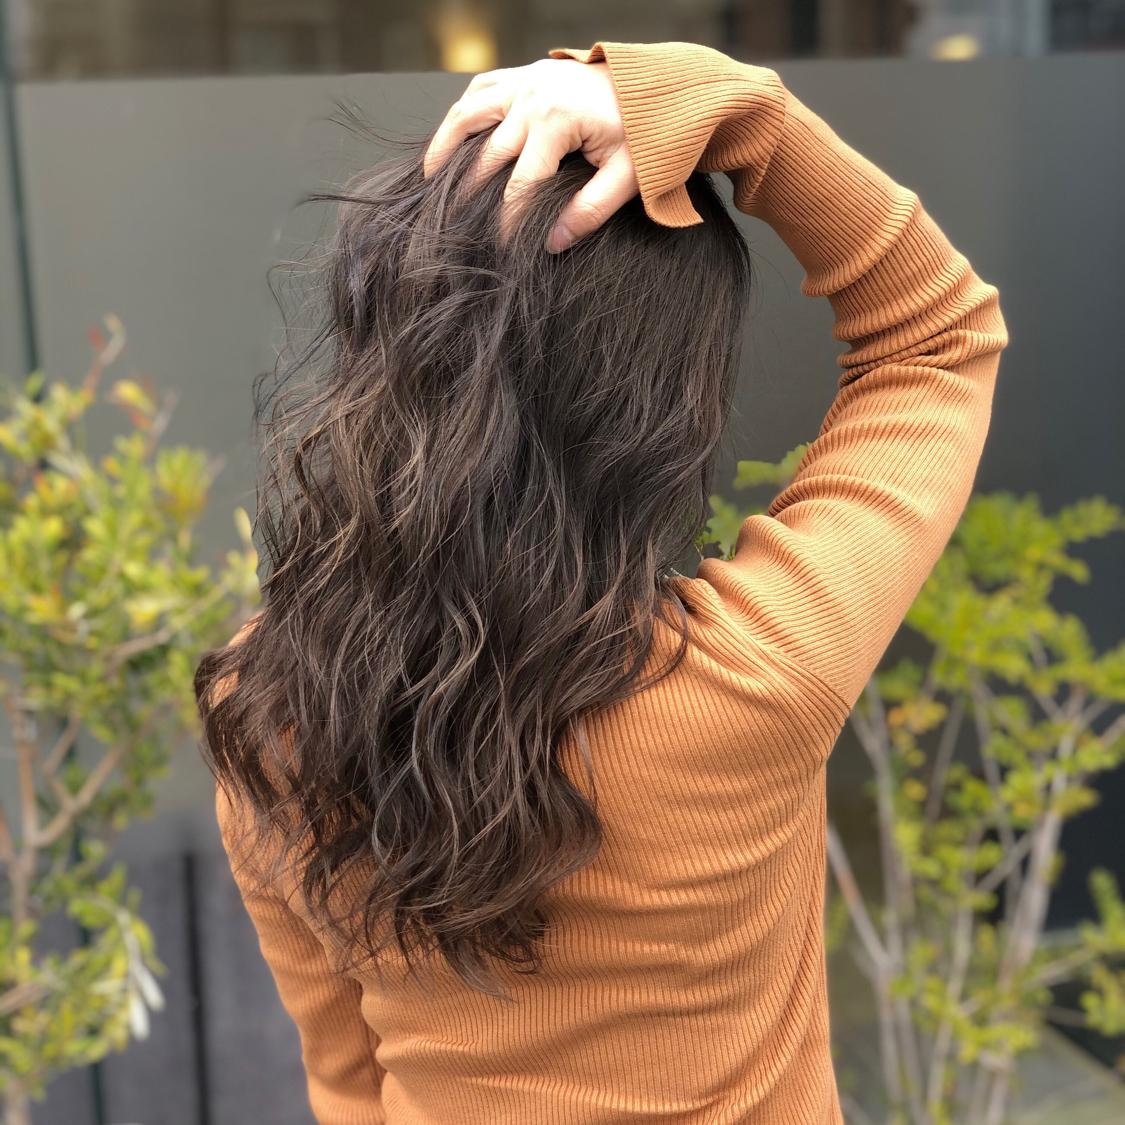 【外国人風color】 傷まないブリーチ使用🌟 ブリーチ履歴を活かしてバレイヤージュcolor‼️ 日本人特有のオレンジ色をブリーチで出来る限り消して、アッシュ系カラーをオン‼️ 仕上げは26㍉でゆるふわに巻いて、立体感あるhairstyle⭐️ ✨✨✨ #岡山美容室#岡山美容師#サロンモデル#サロンスタイル#外国人風ハイライトカラー#外国人風グラデーションカラー#hair#オシャレ#波ウェーブ#hairstyle#haircolor#3dカラー#髪型#古作蓮#フォローしてくれた人全員フォローする #外国人風#beauty#西海岸風#撮影モデル#美容室MICHI#michi富田店#大元駅#大元駅美容室#stylist#followme#パリピ #カリスマ美容師#アッシュグレー#サロンワーク #外国人風カラー